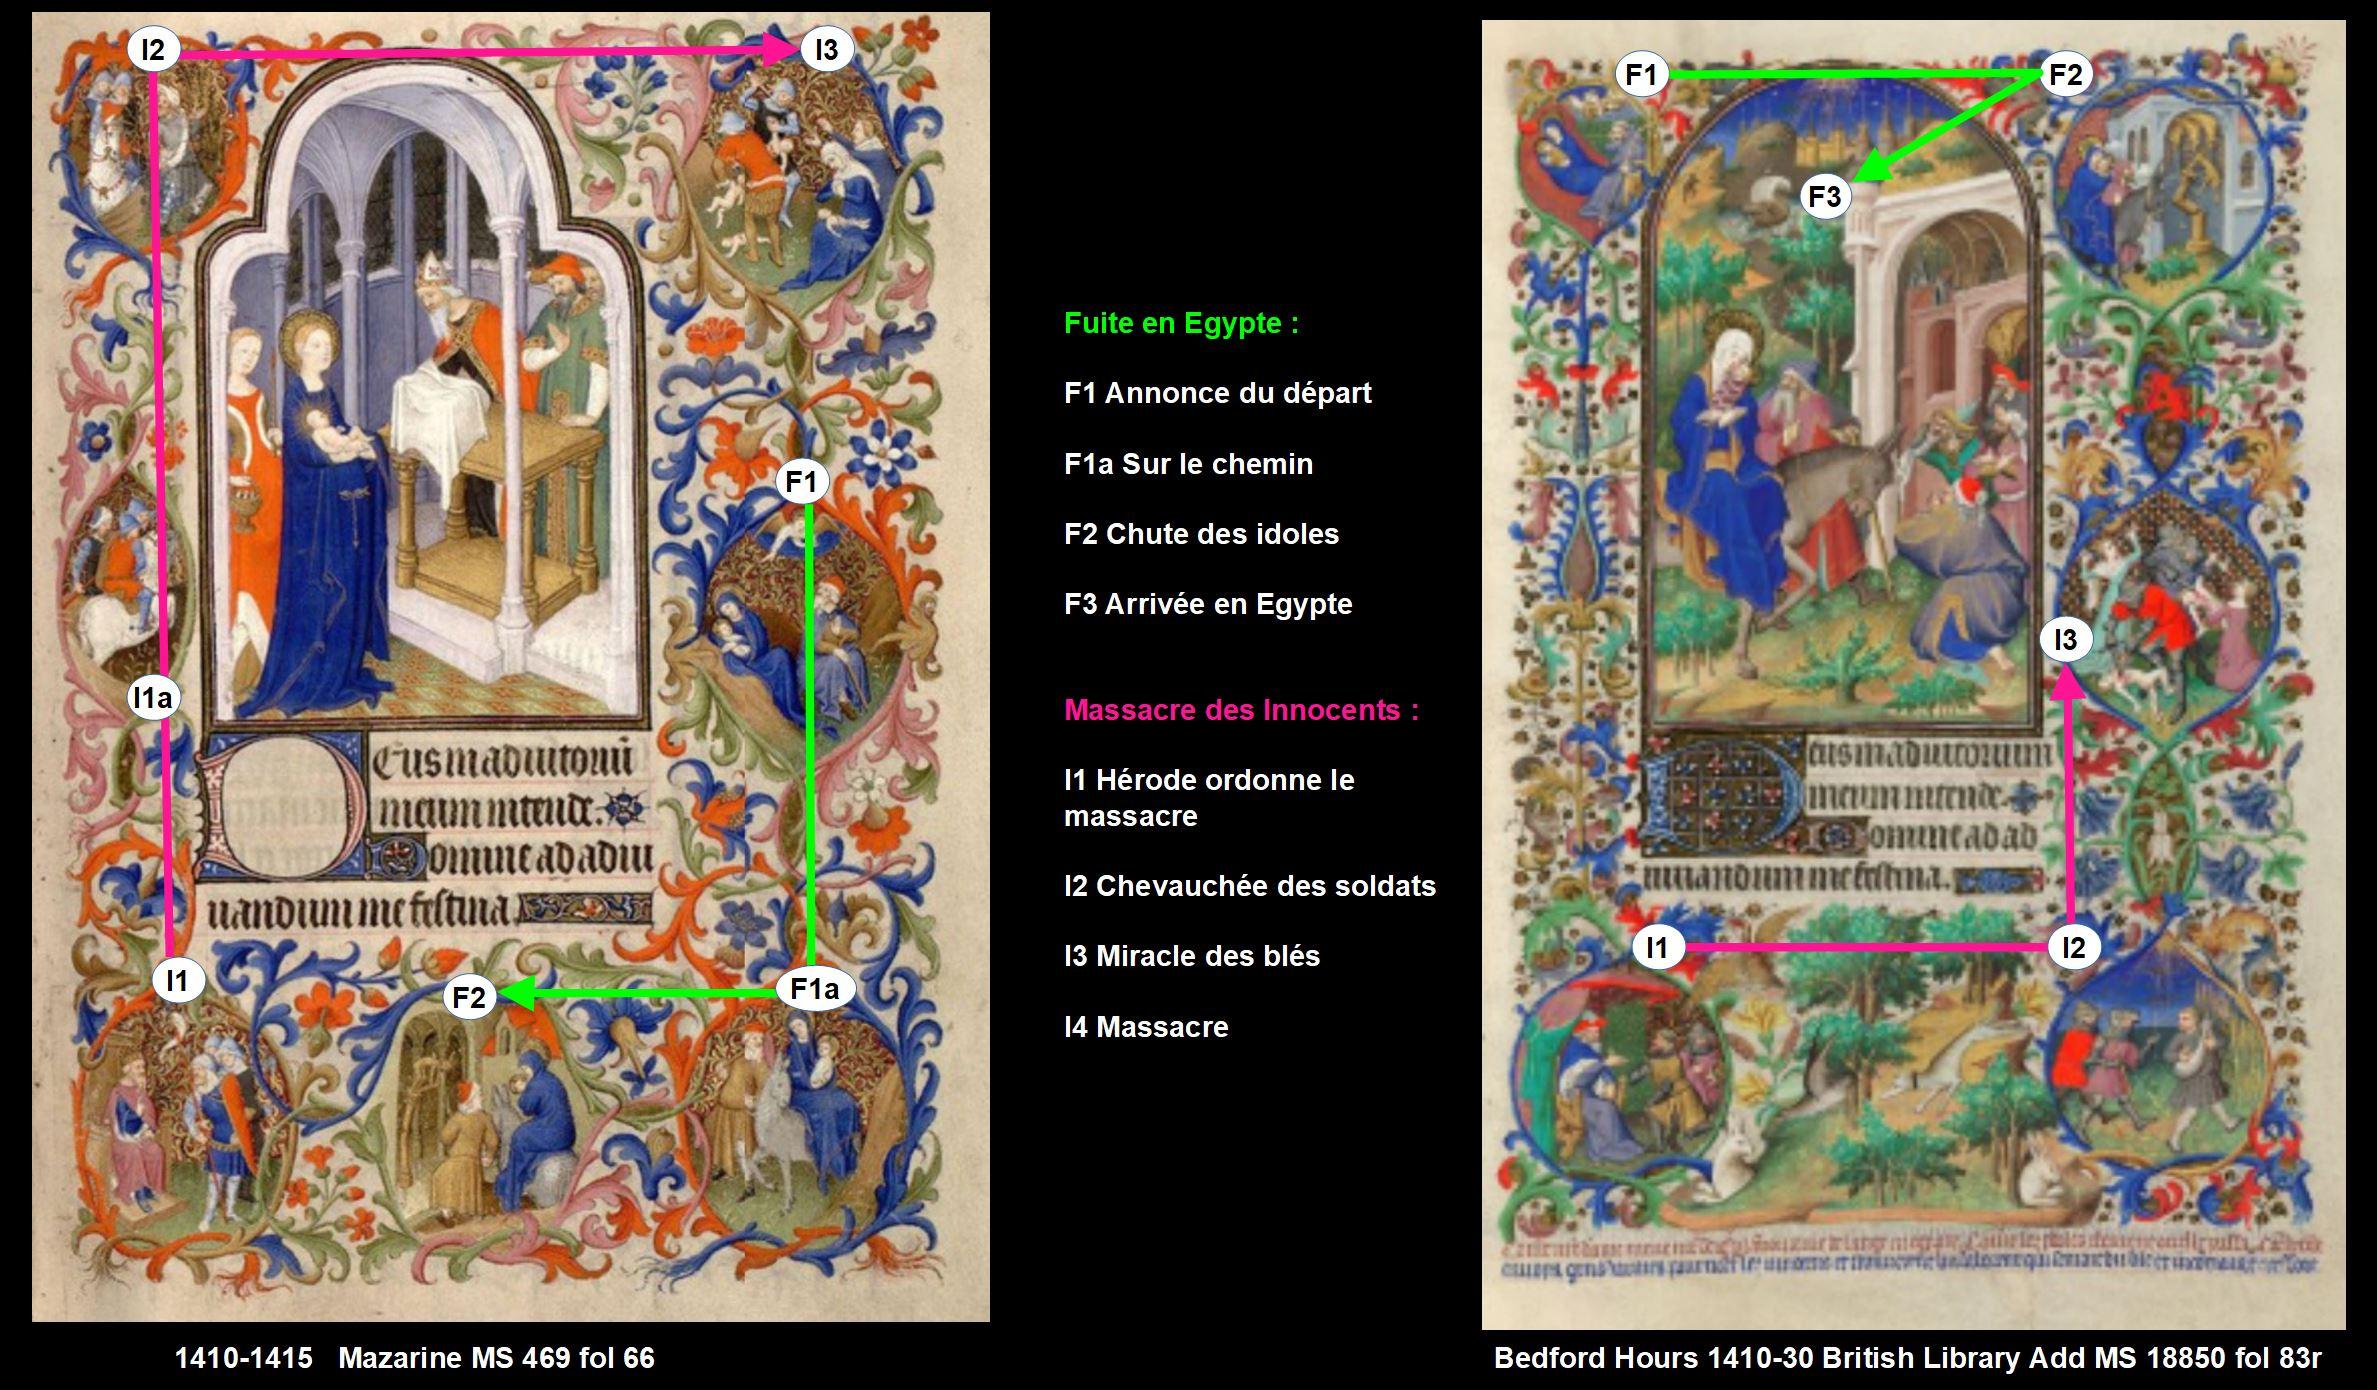 1410-1415 Maitre de la Mazarine Maitre de Bedford Comparaison 66Fuite Egypte